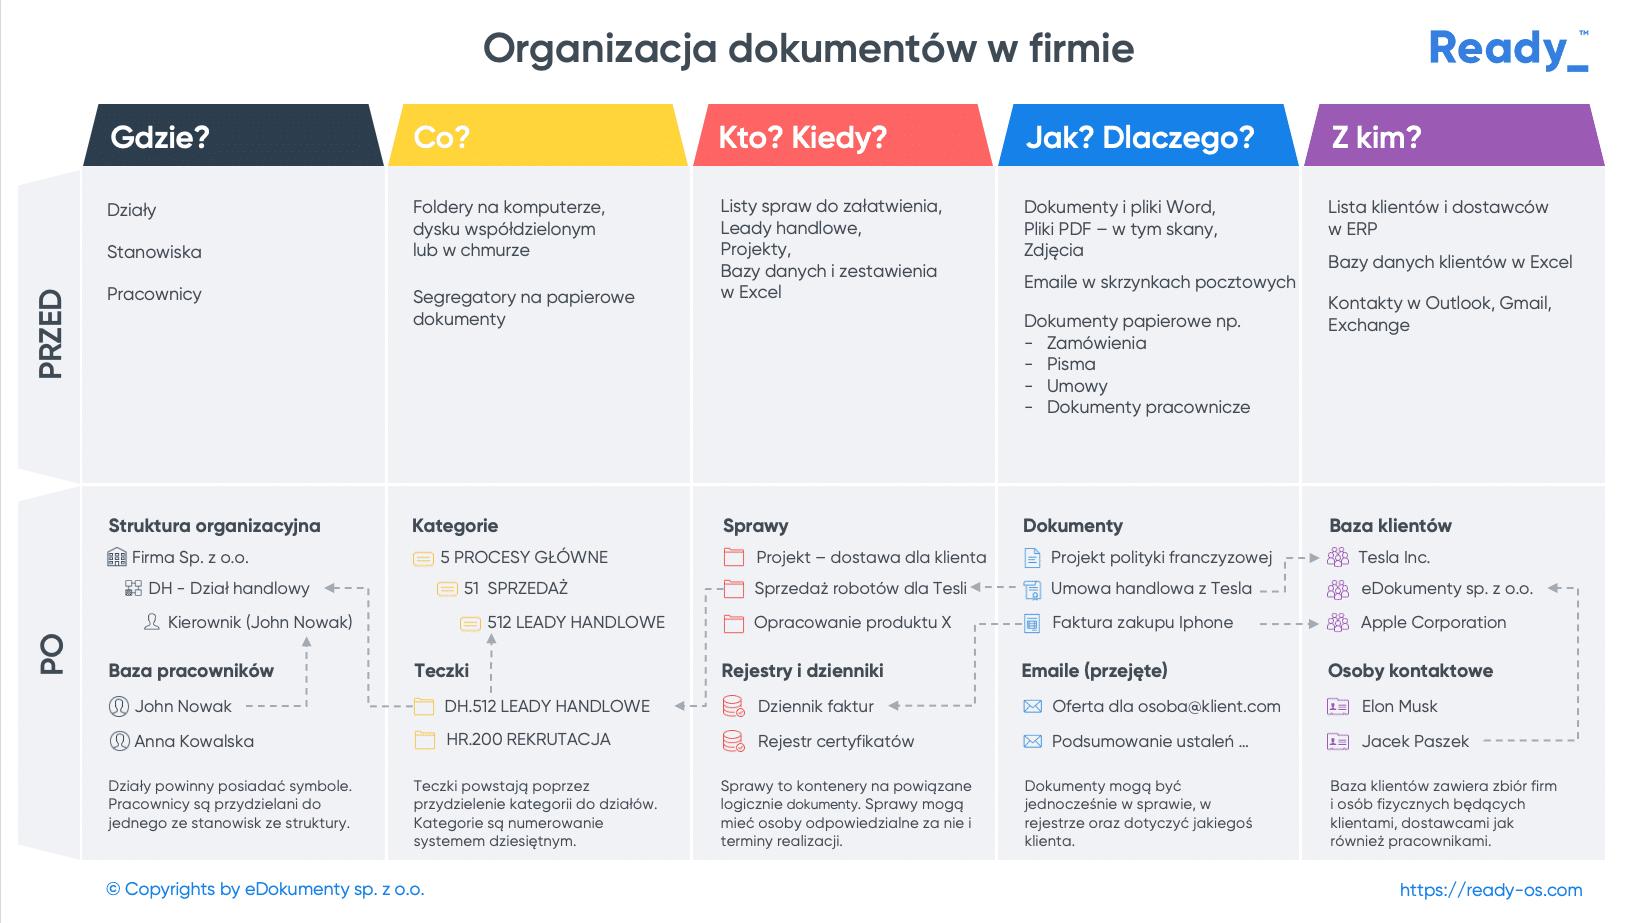 Organizacja dokumentów w firmie